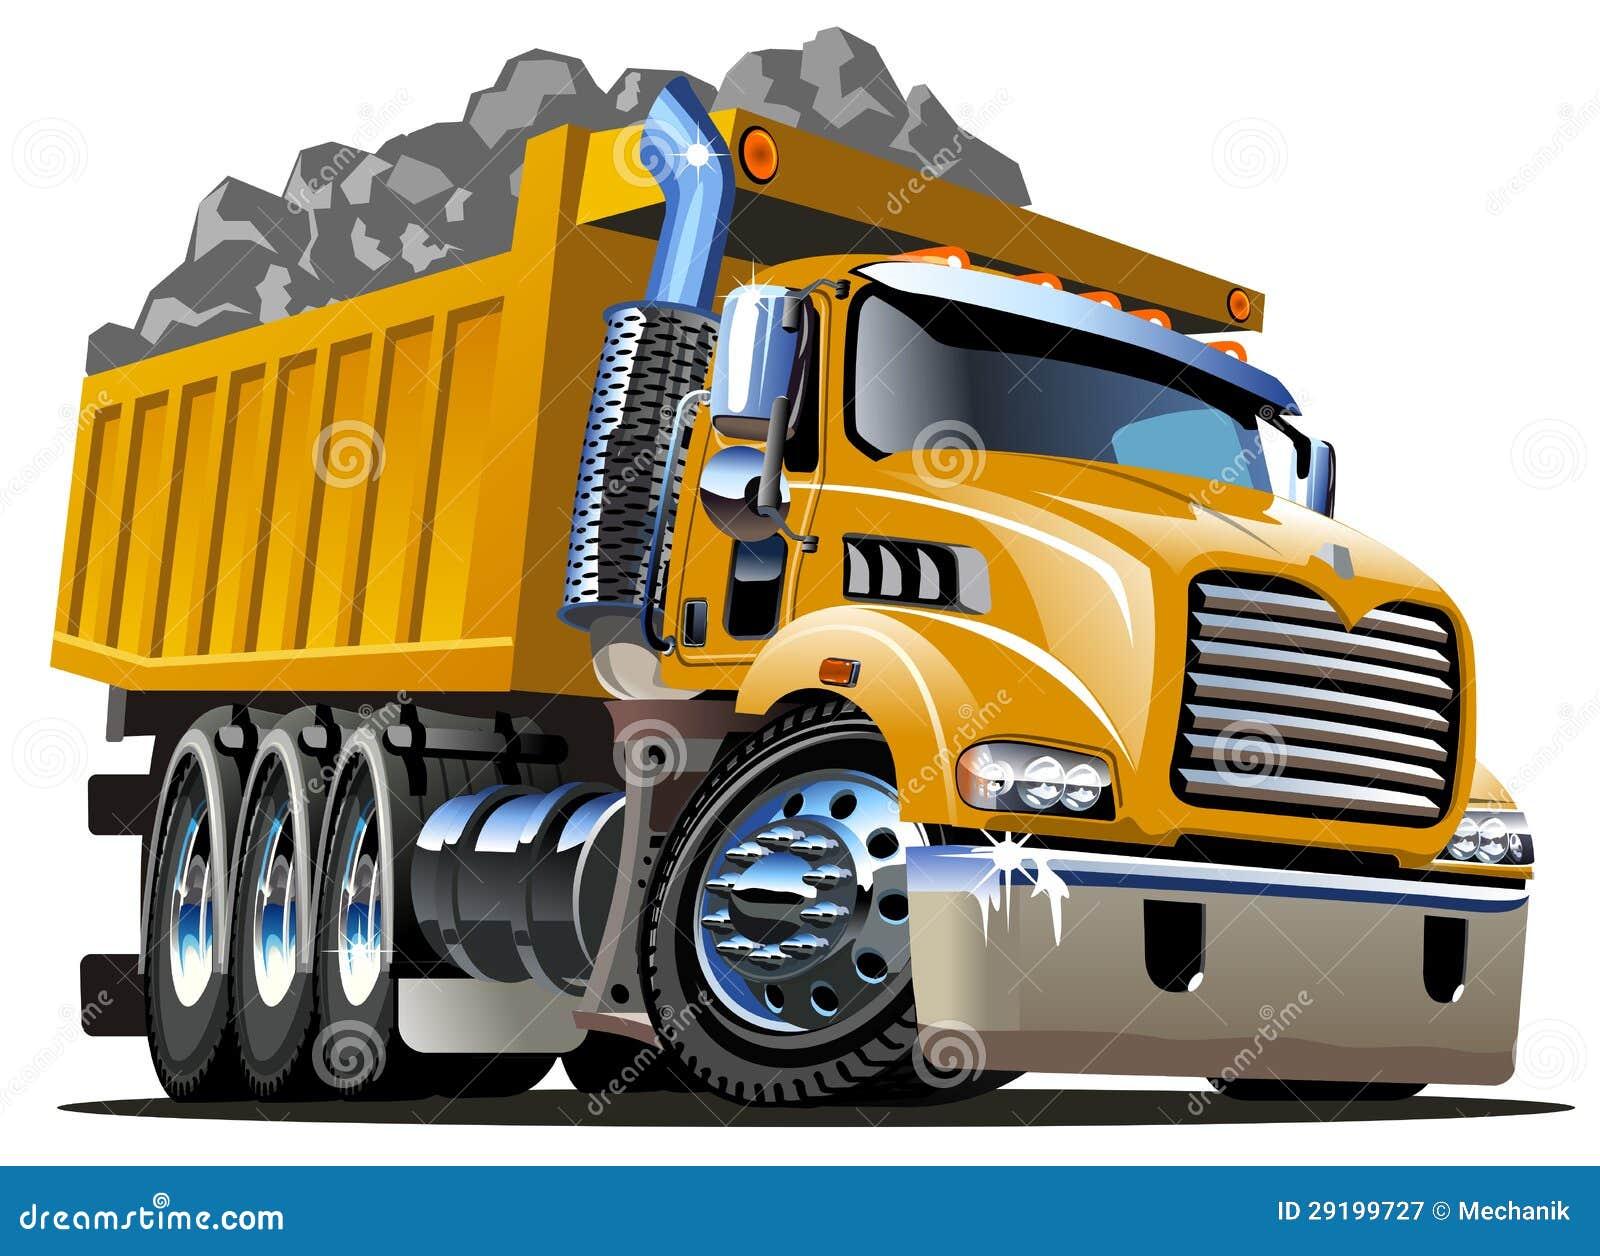 Cartoon Dump Truck isolated on white backgound. Available AI-CS4 ...